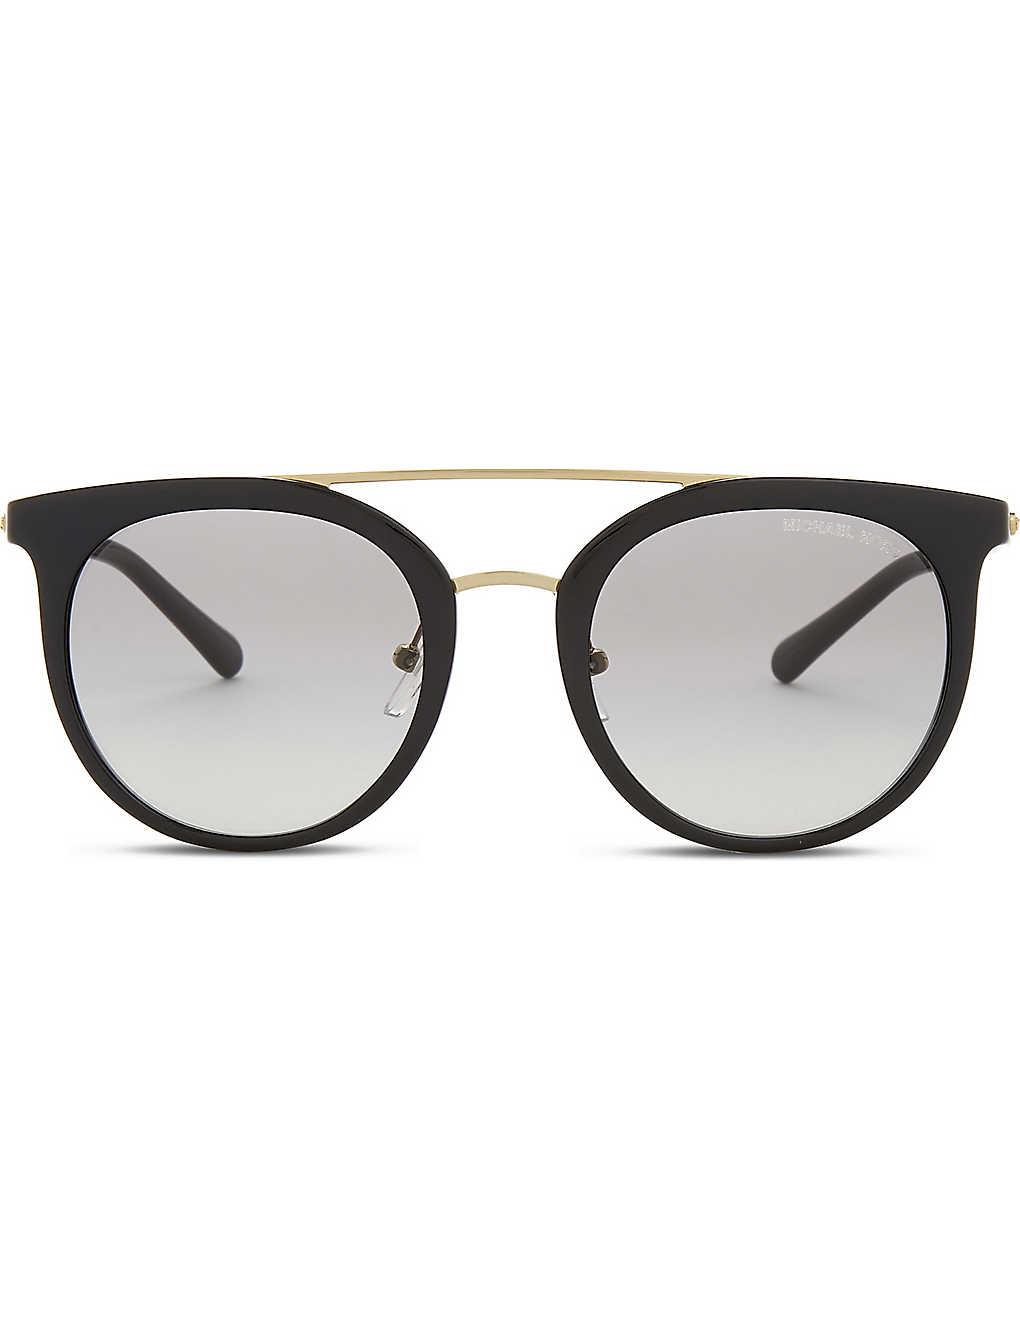 a2cca4ae6 MICHAEL KORS - Lia round sunglasses | Selfridges.com